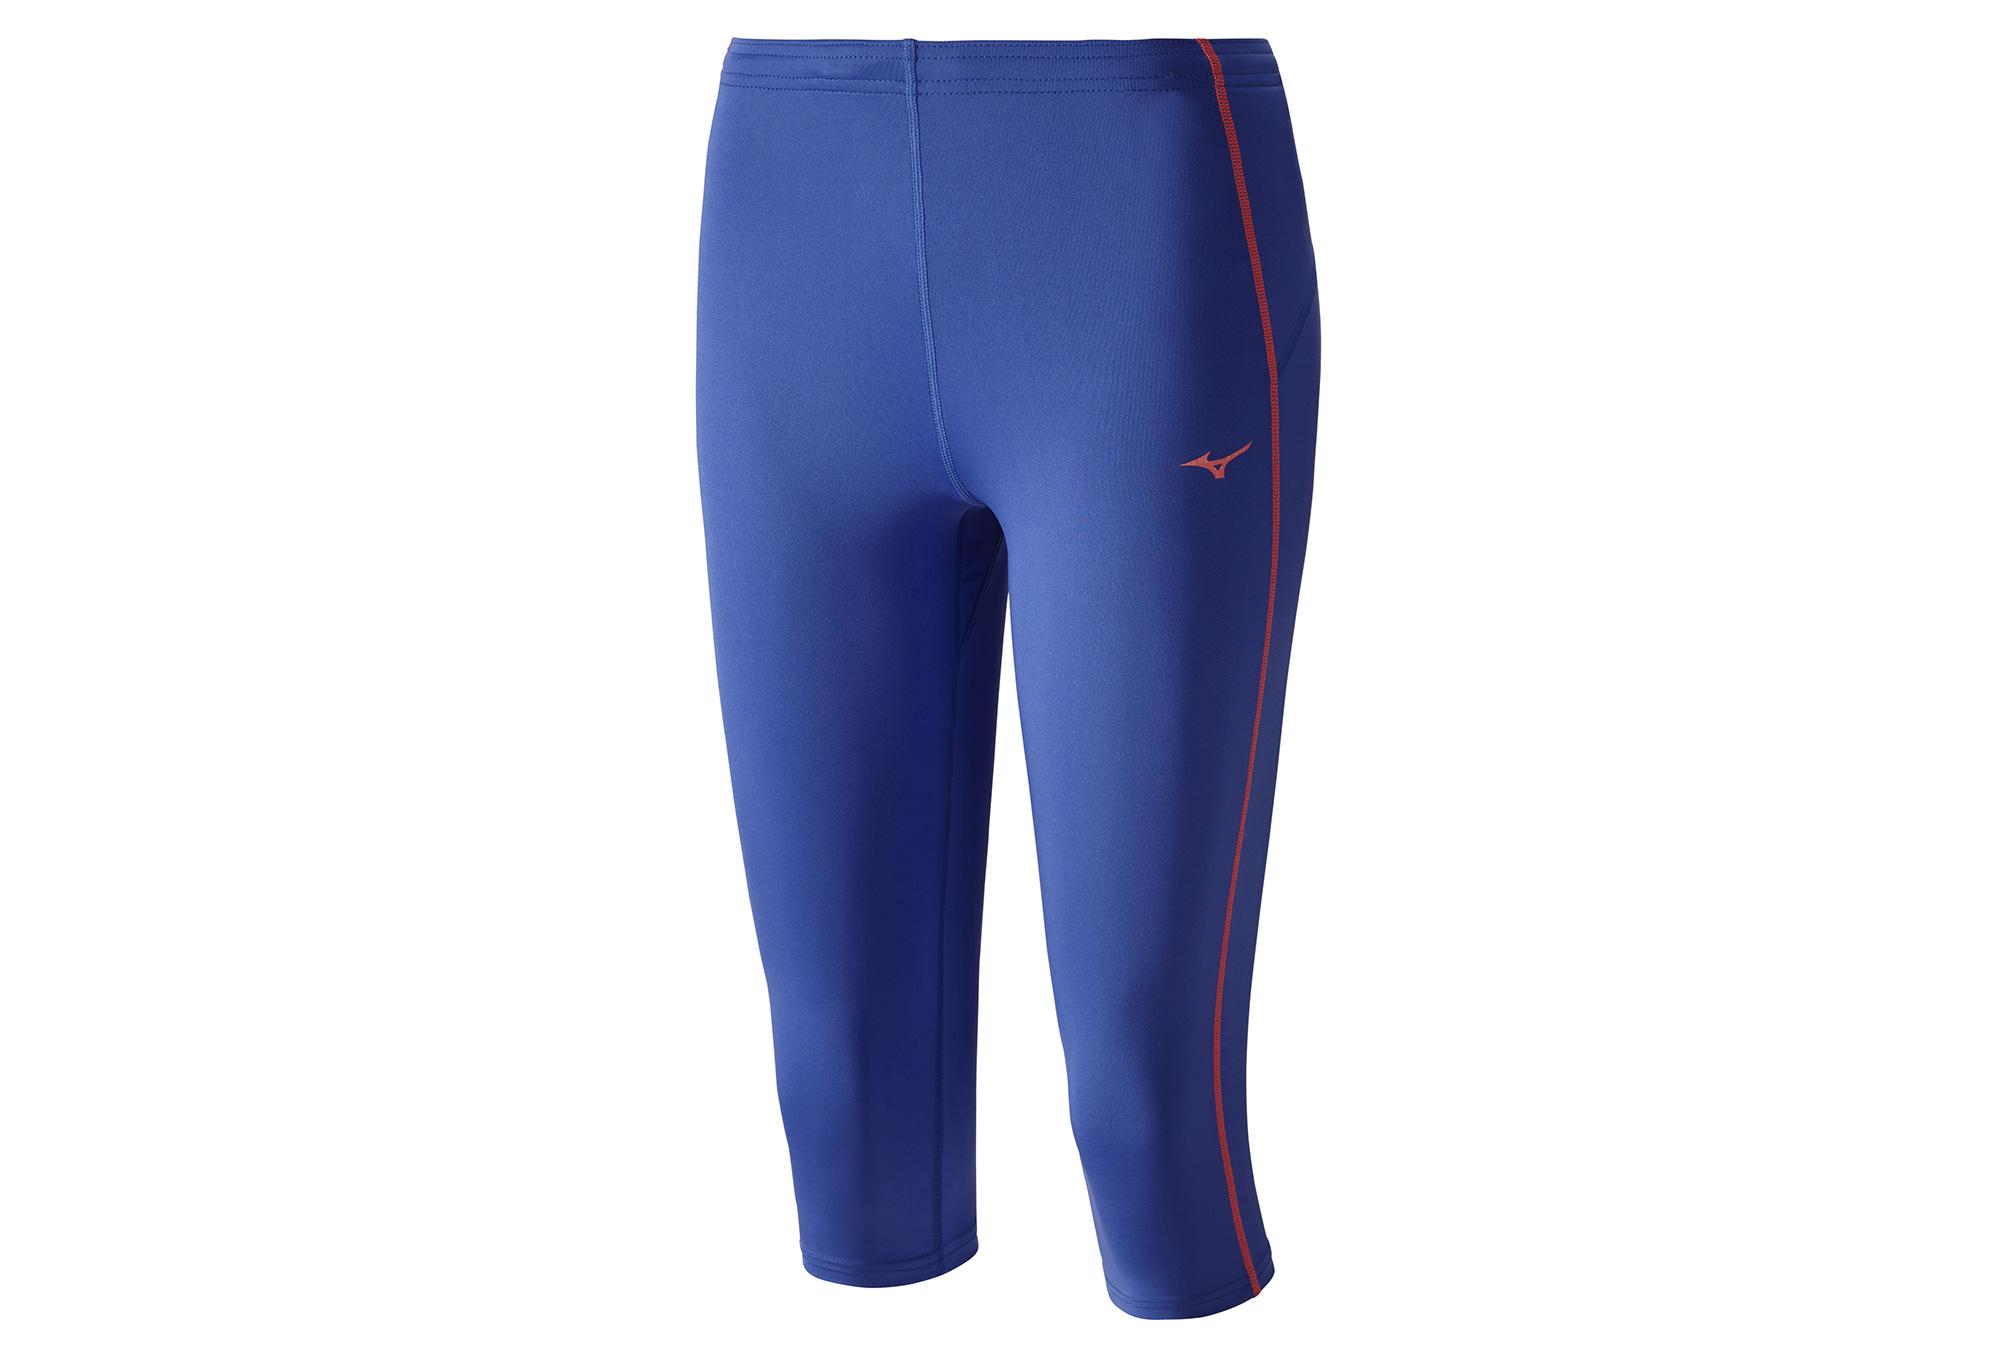 MIZUNO Femme Corsaire Bleu CORE Running vN8n0Omwy